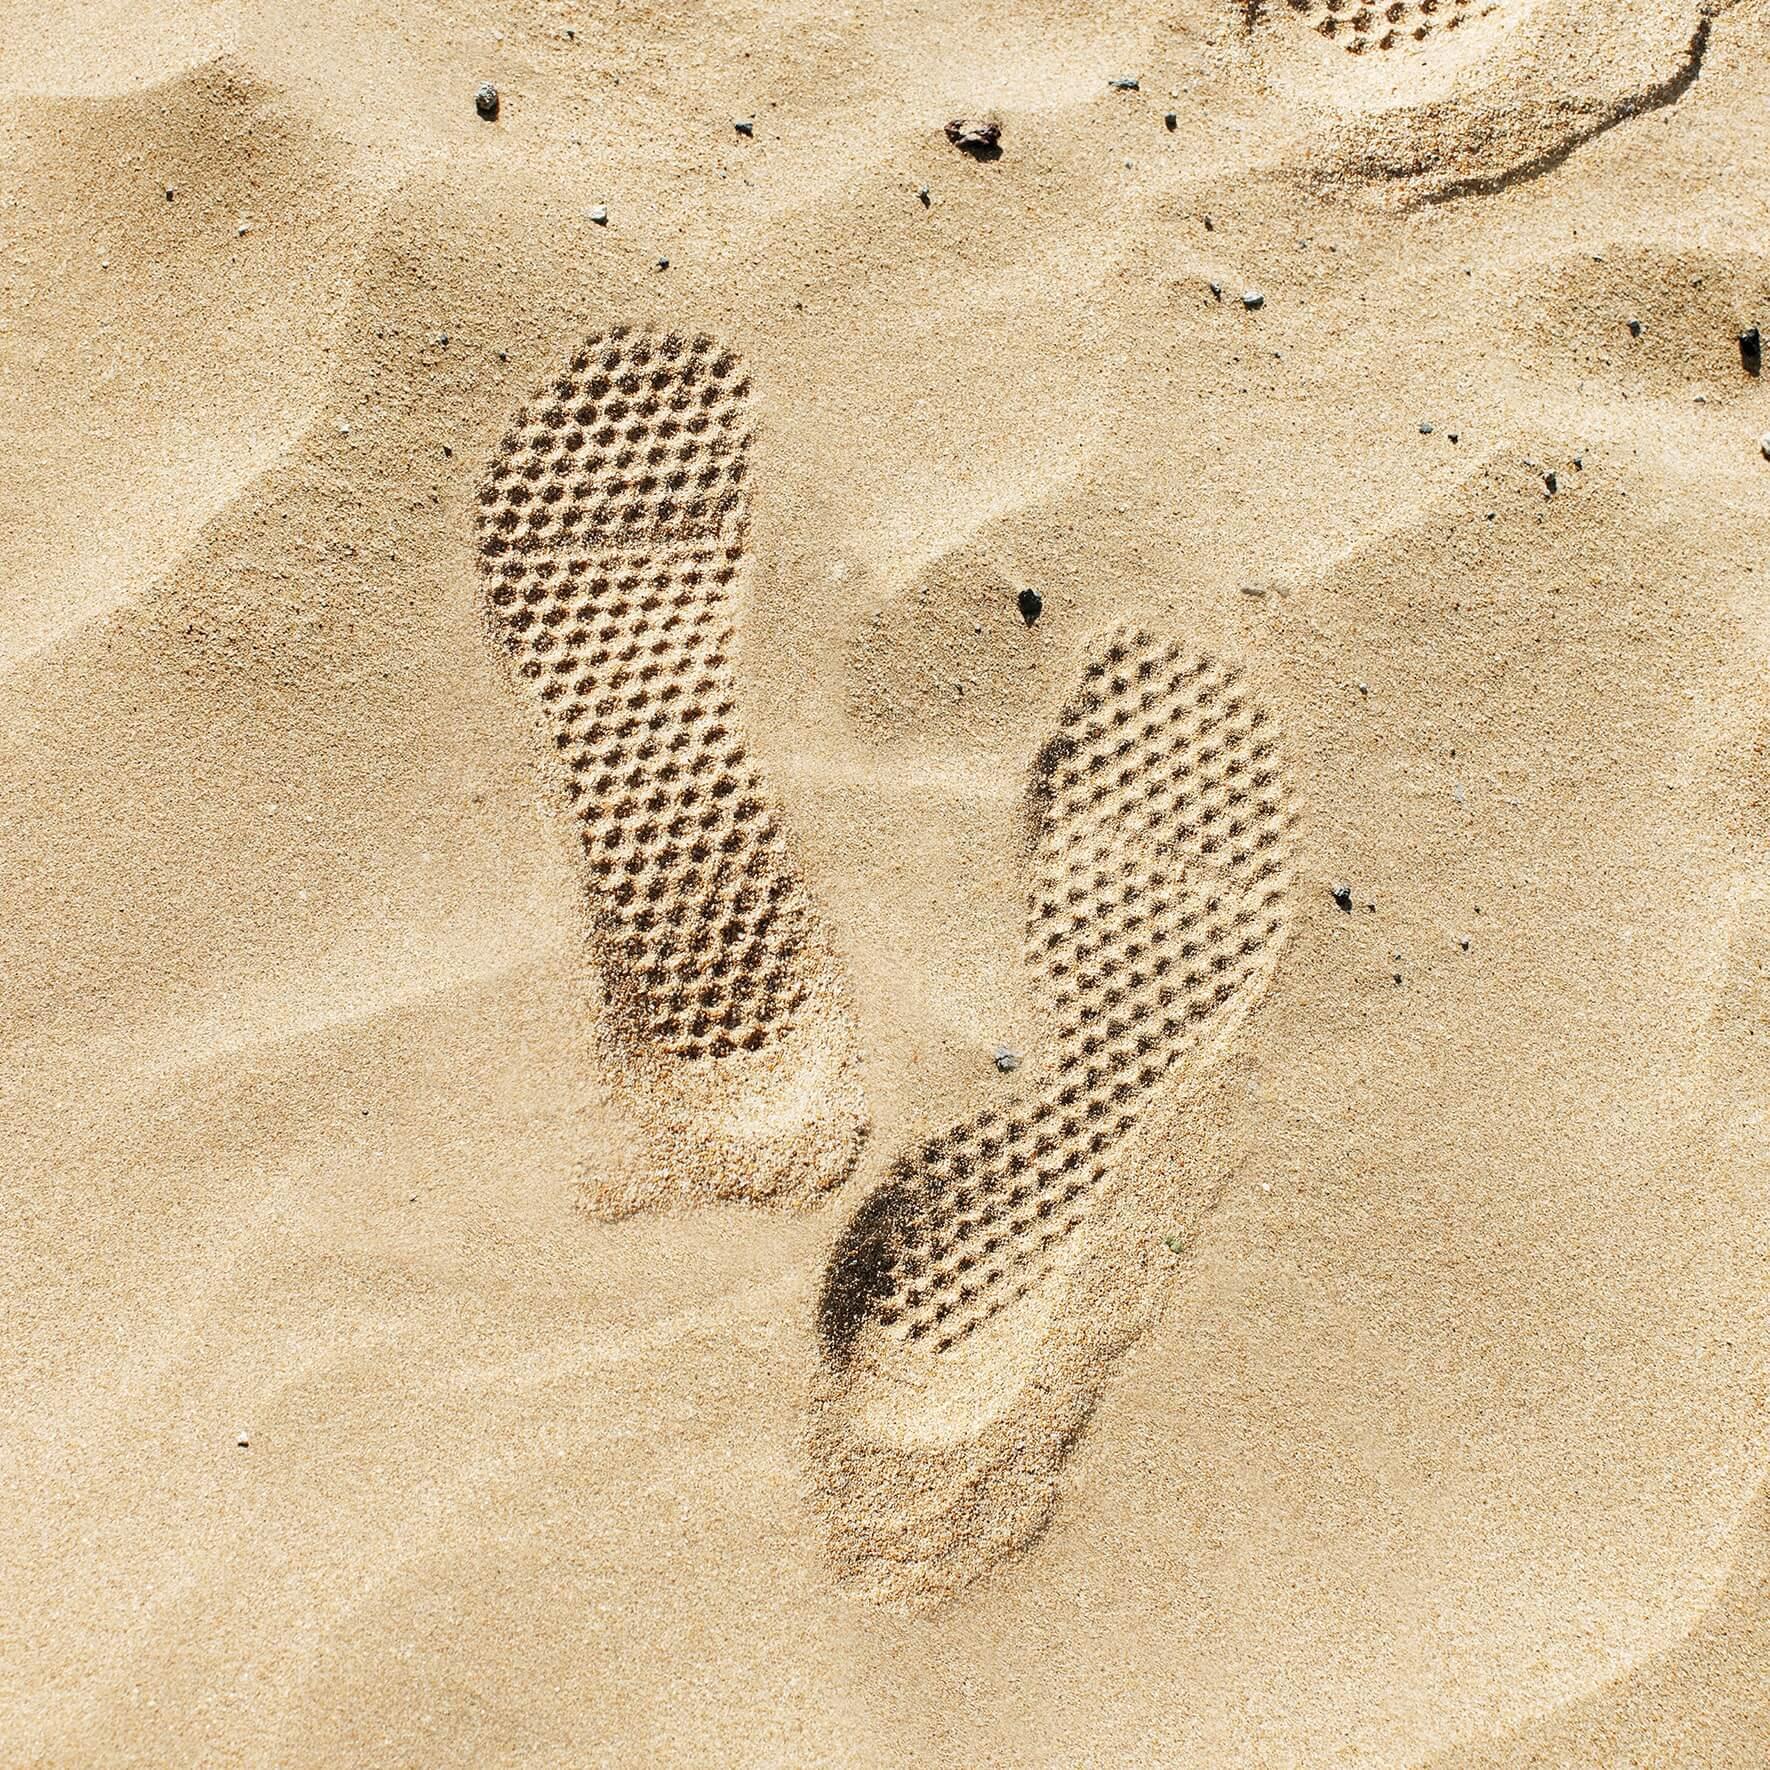 Abdruck von leguano Barfußschuhen zum Barfußlaufen im Sand